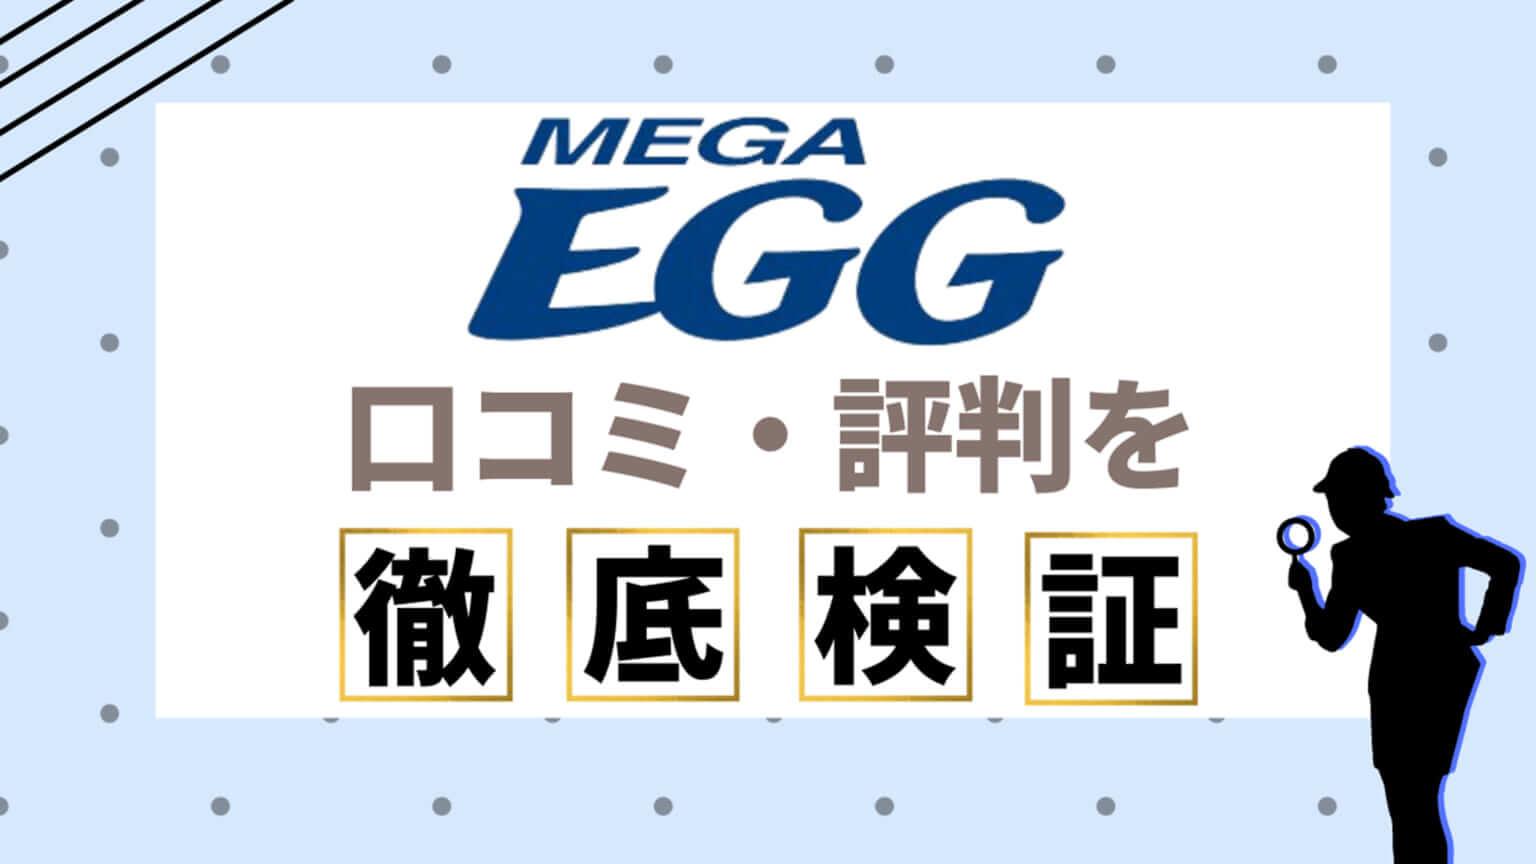 メガ・エッグ光の評判・口コミ